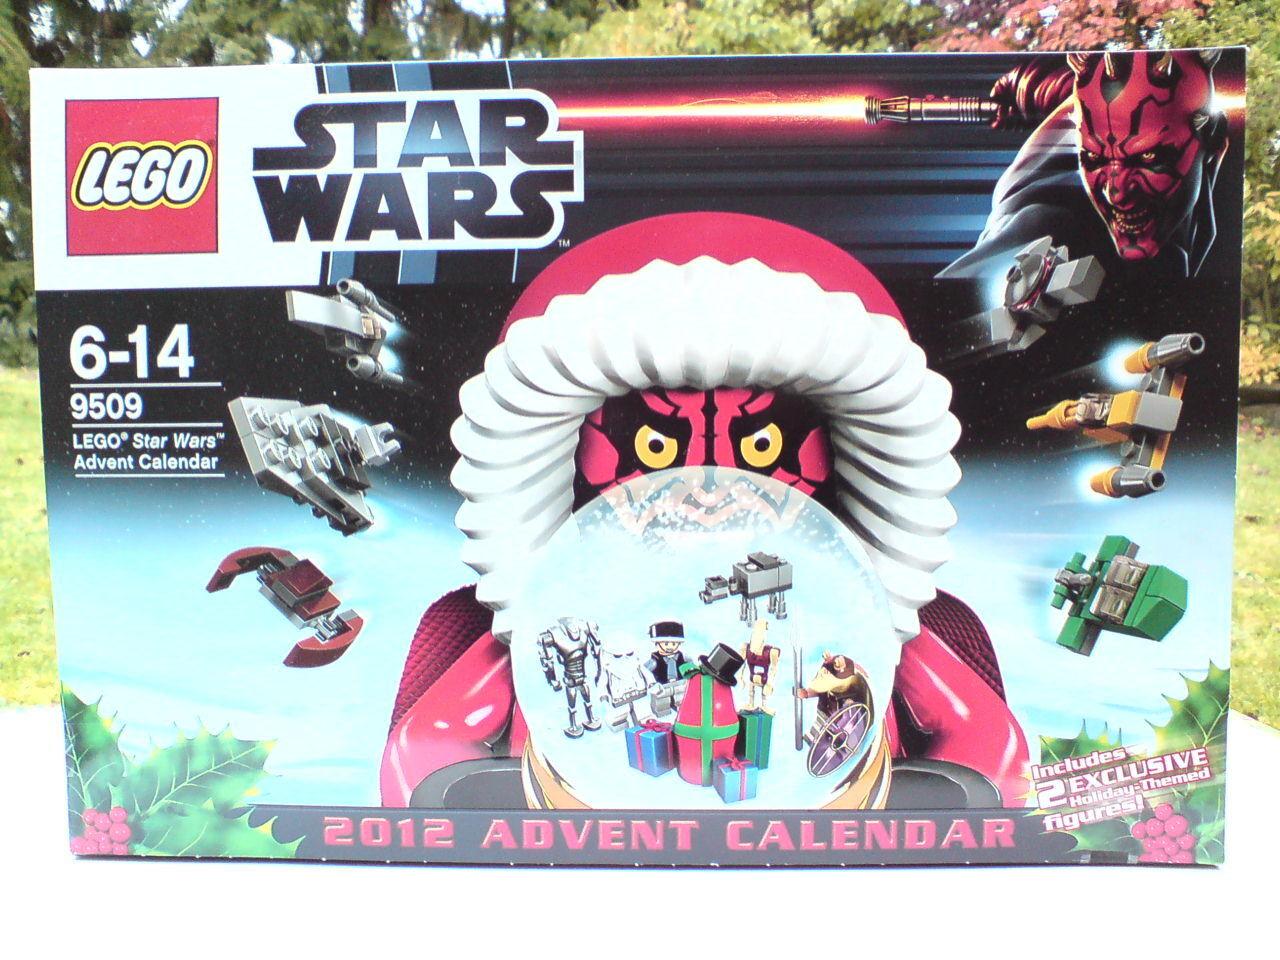 Lego 9509 Star Wars adventskalender neu     ovp Beste Zustand rar mint von 2012 +++ 3a7553